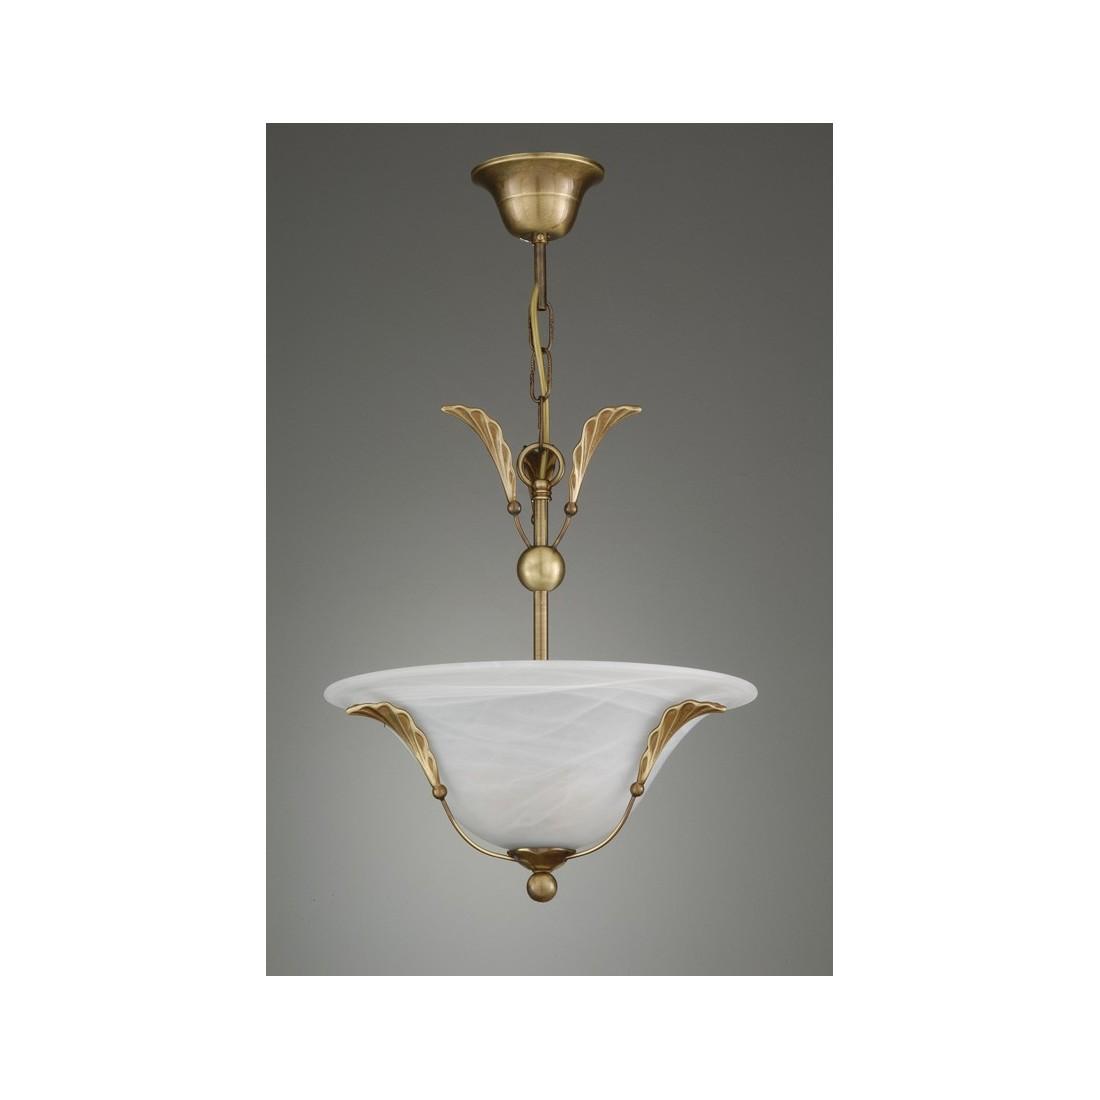 L mpara de bronce con 4 tulipas distribuidores oficiales - Tulipas de lamparas ...